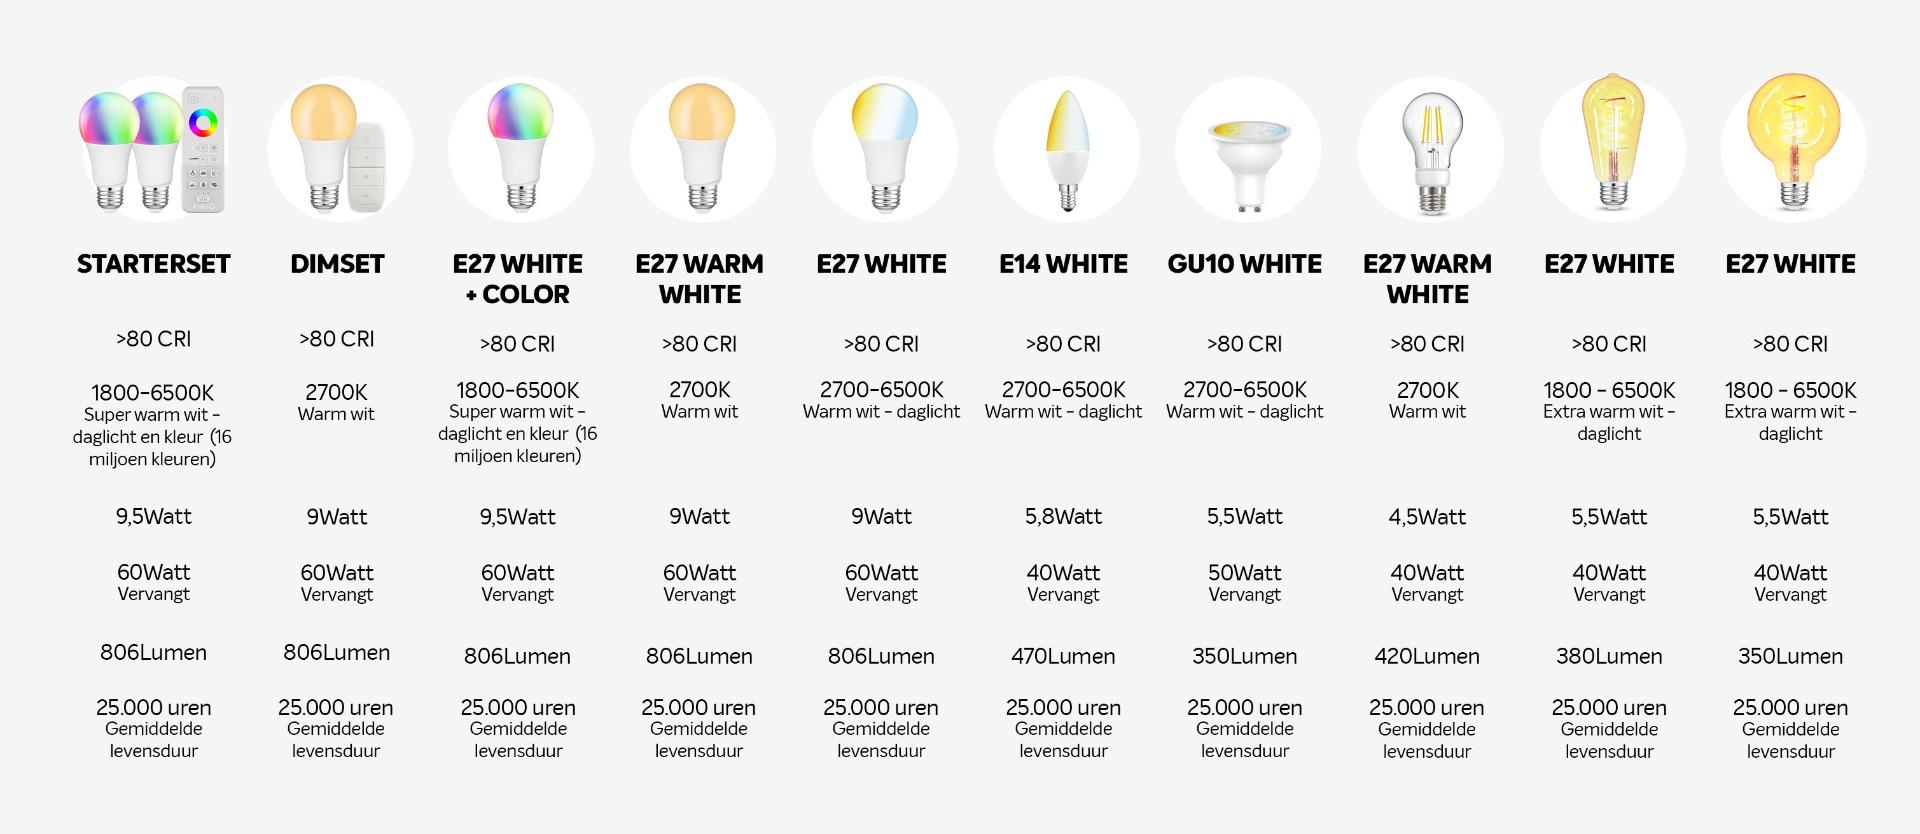 Verschillende timt slimme LED lampen